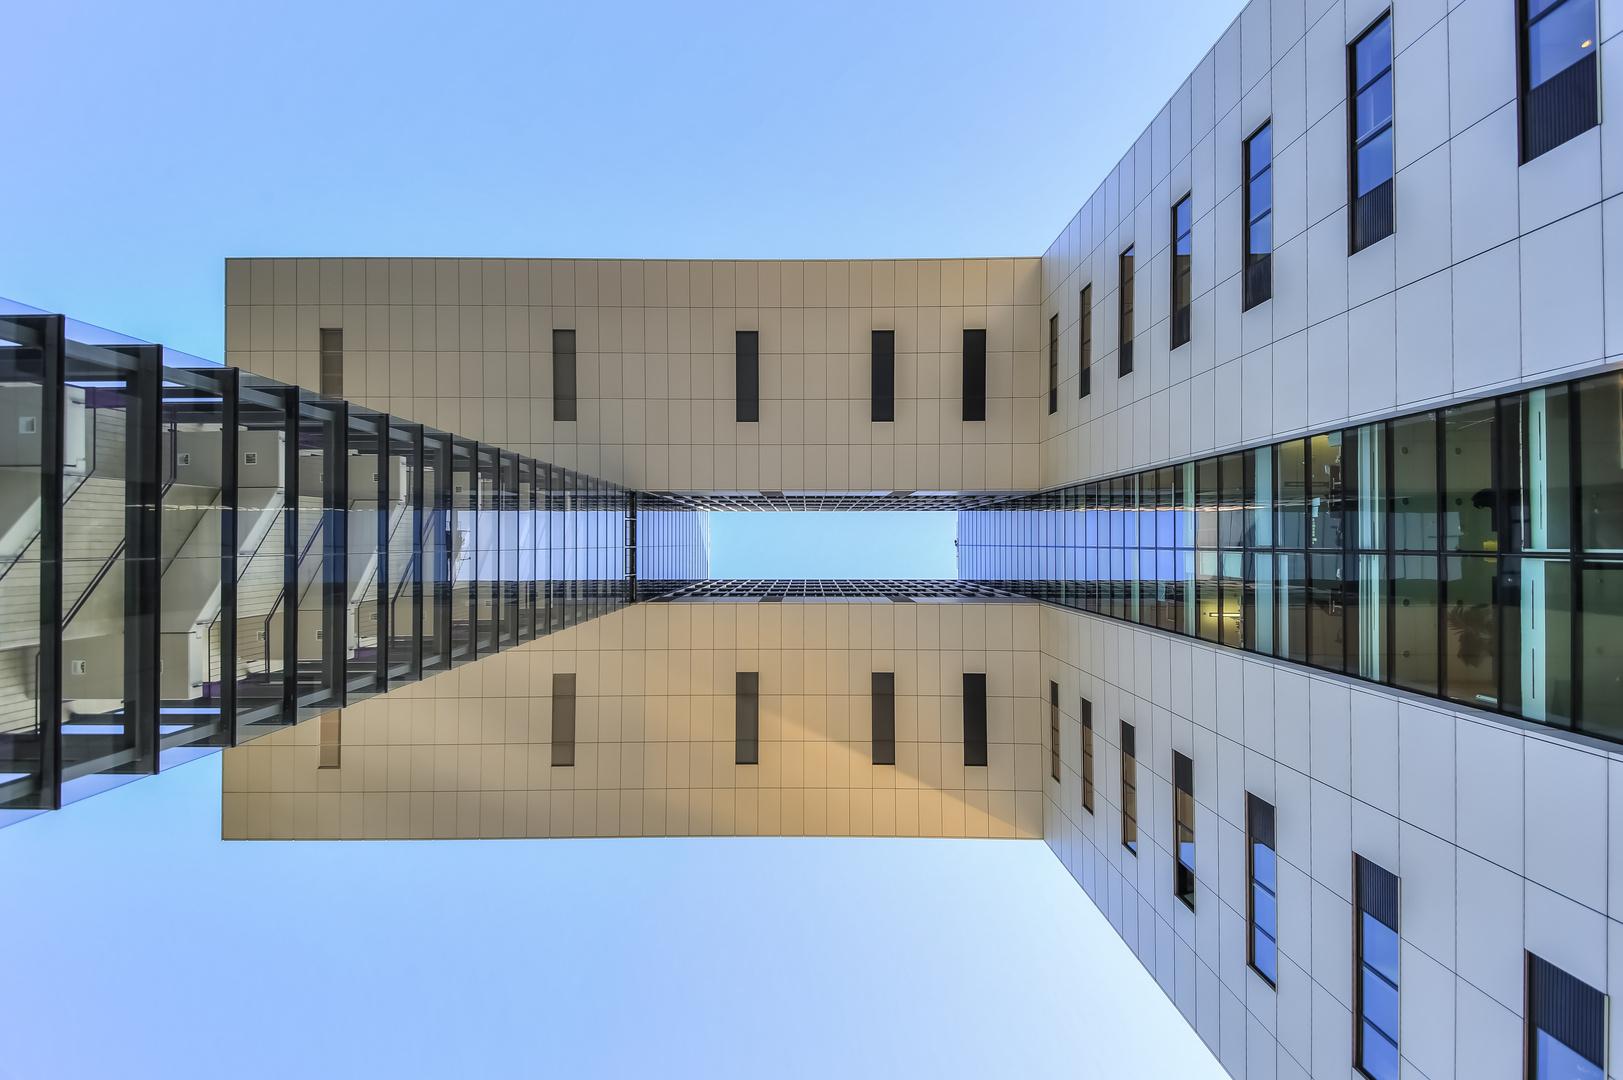 Architektur/ Detail